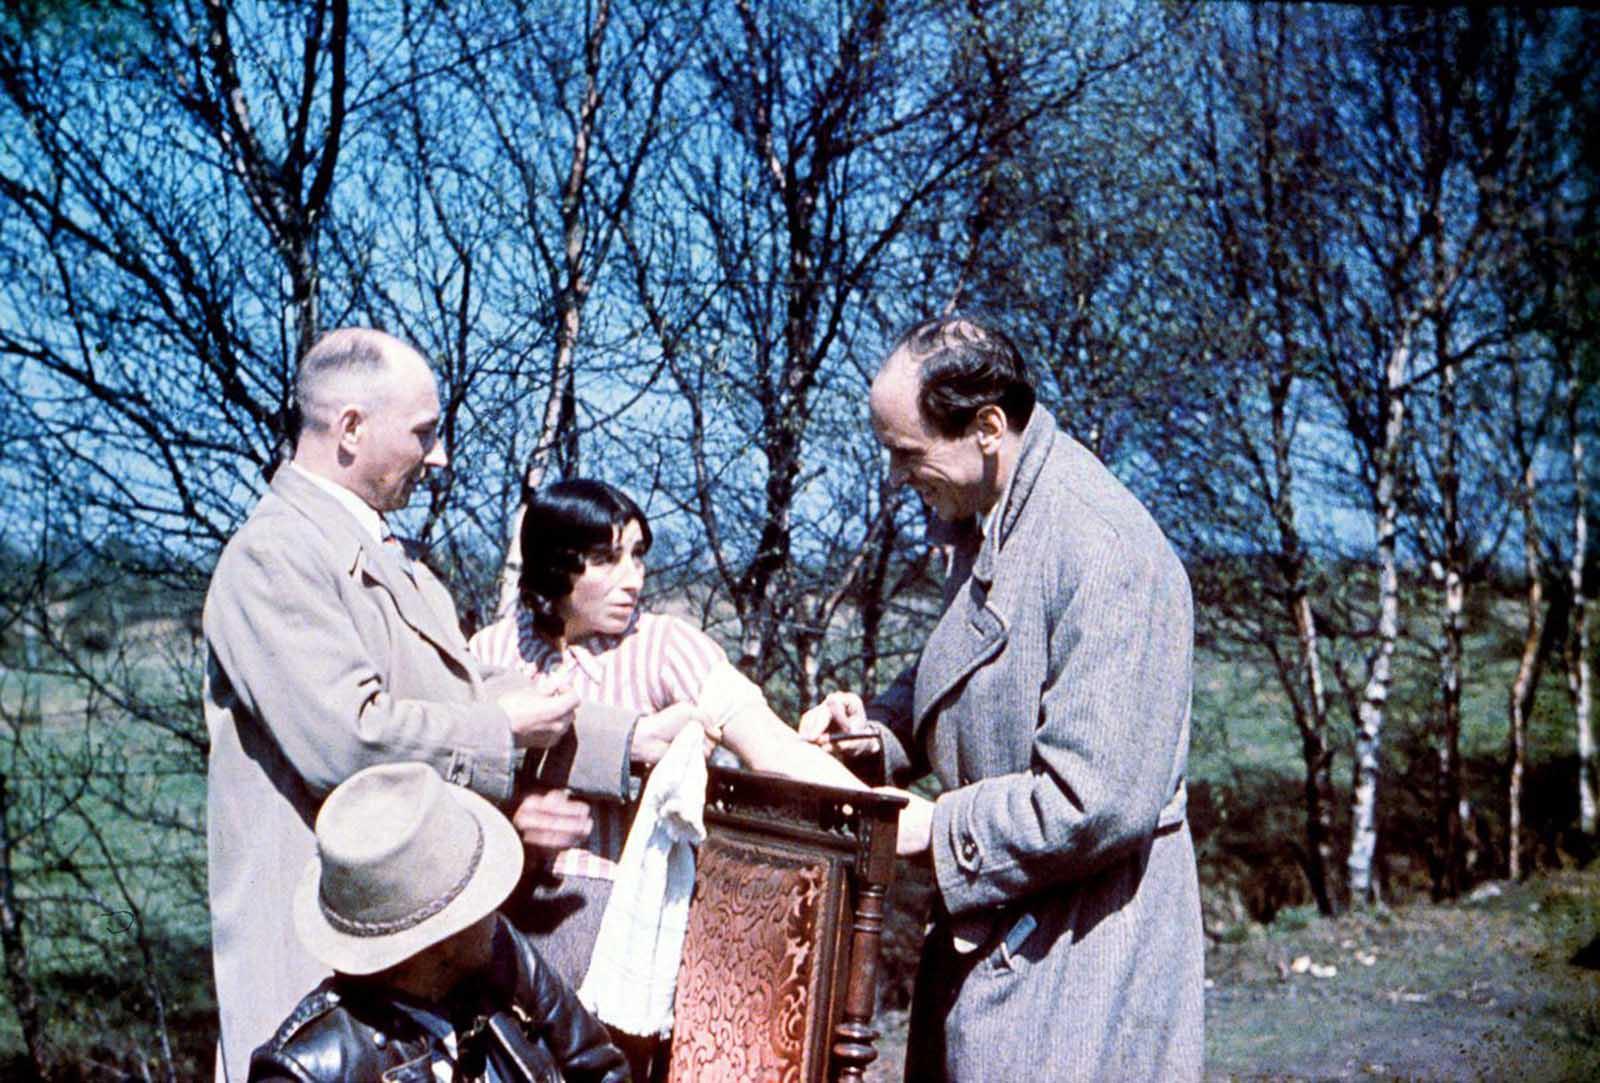 El Dr. Ritter toma una muestra de sangre de una mujer gitana. 1938.